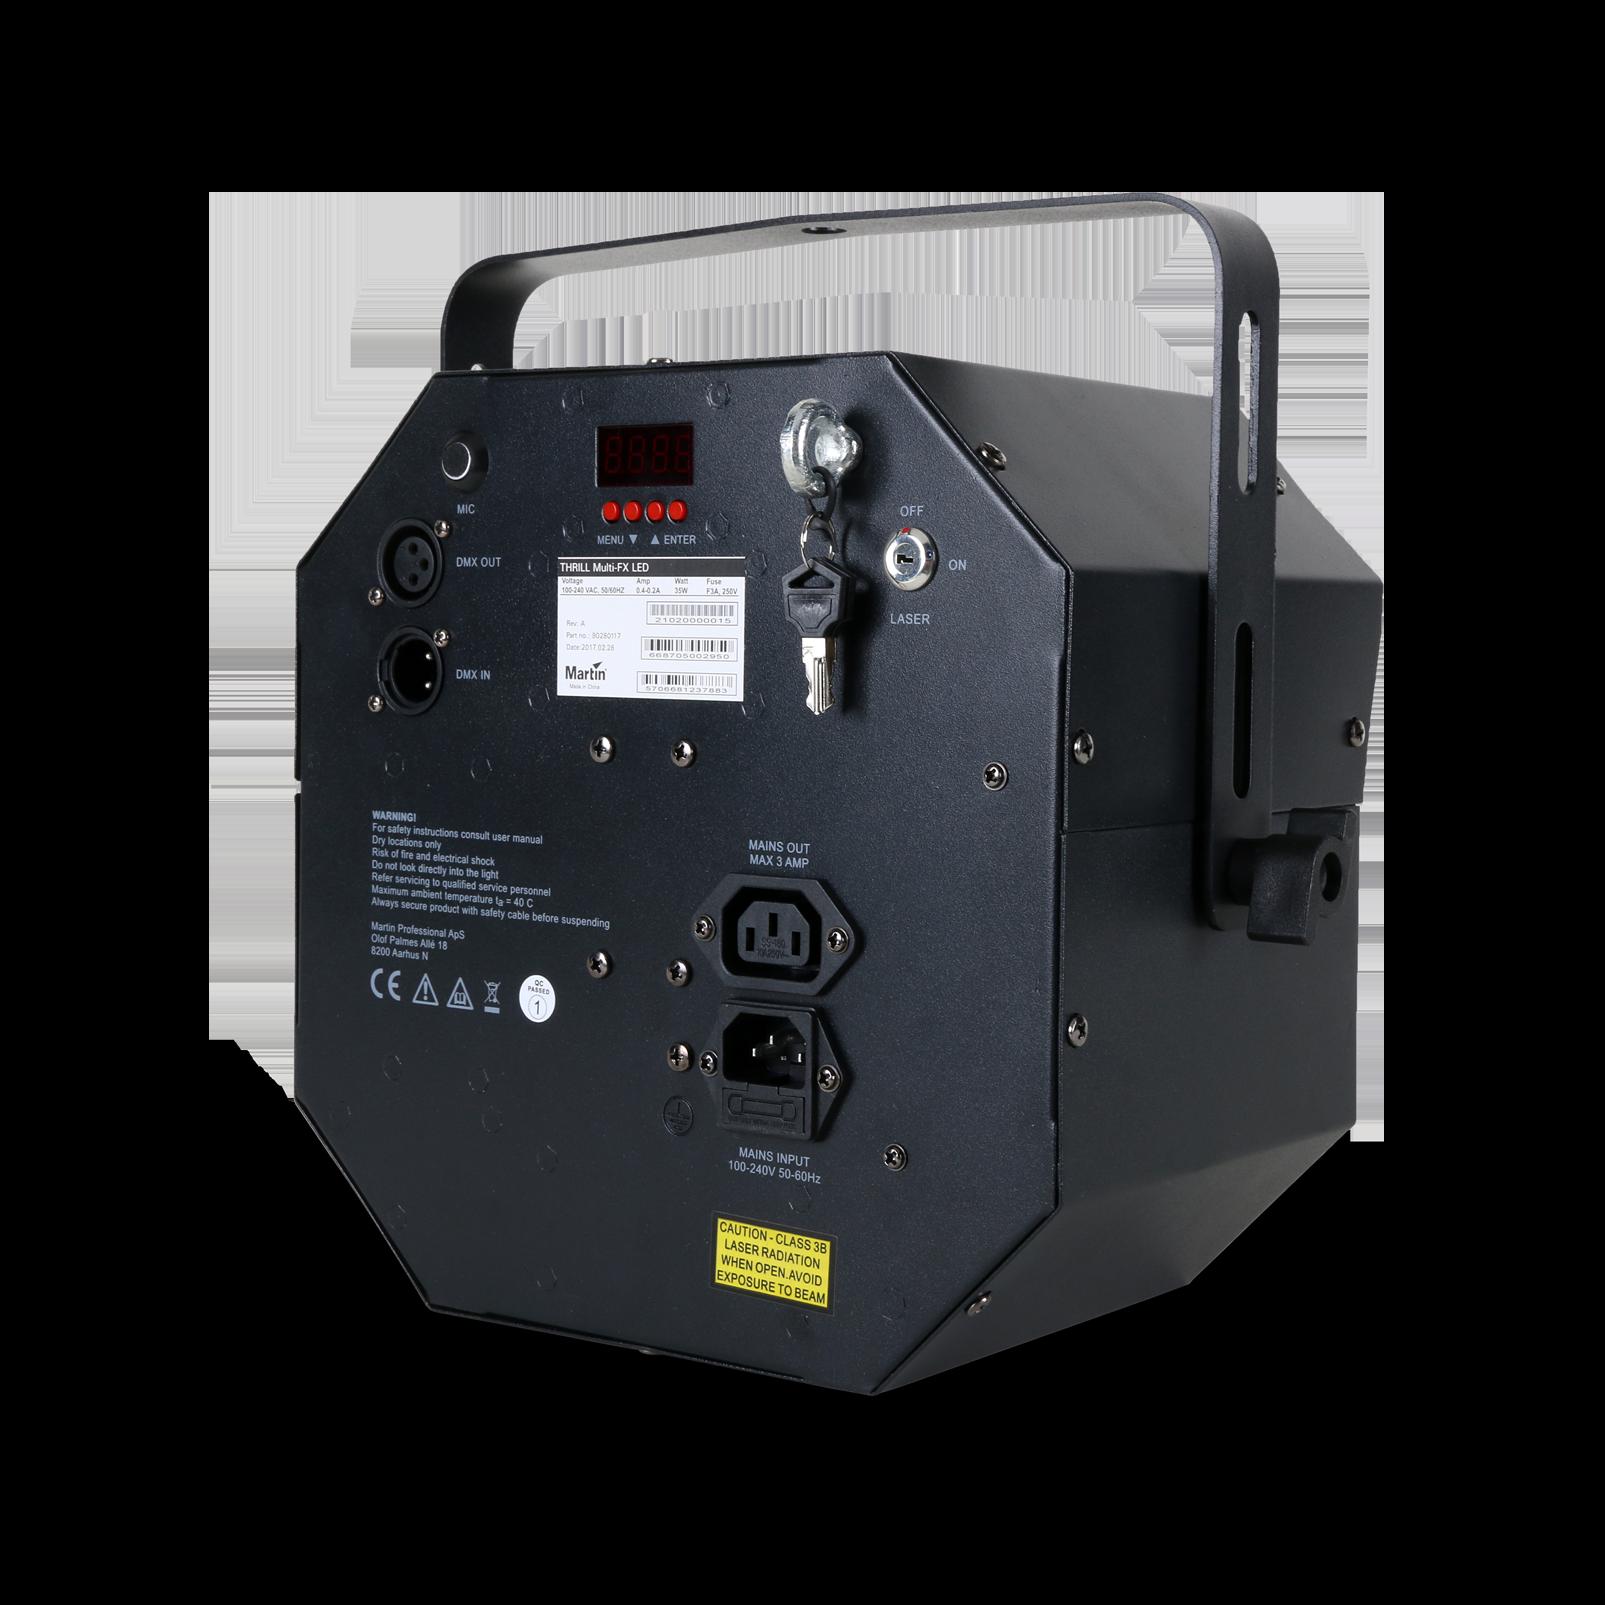 THRILL Multi-FX LED (B-Stock) - Black - Hybrid effect light—multibeam, laser, strobe - Detailshot 1